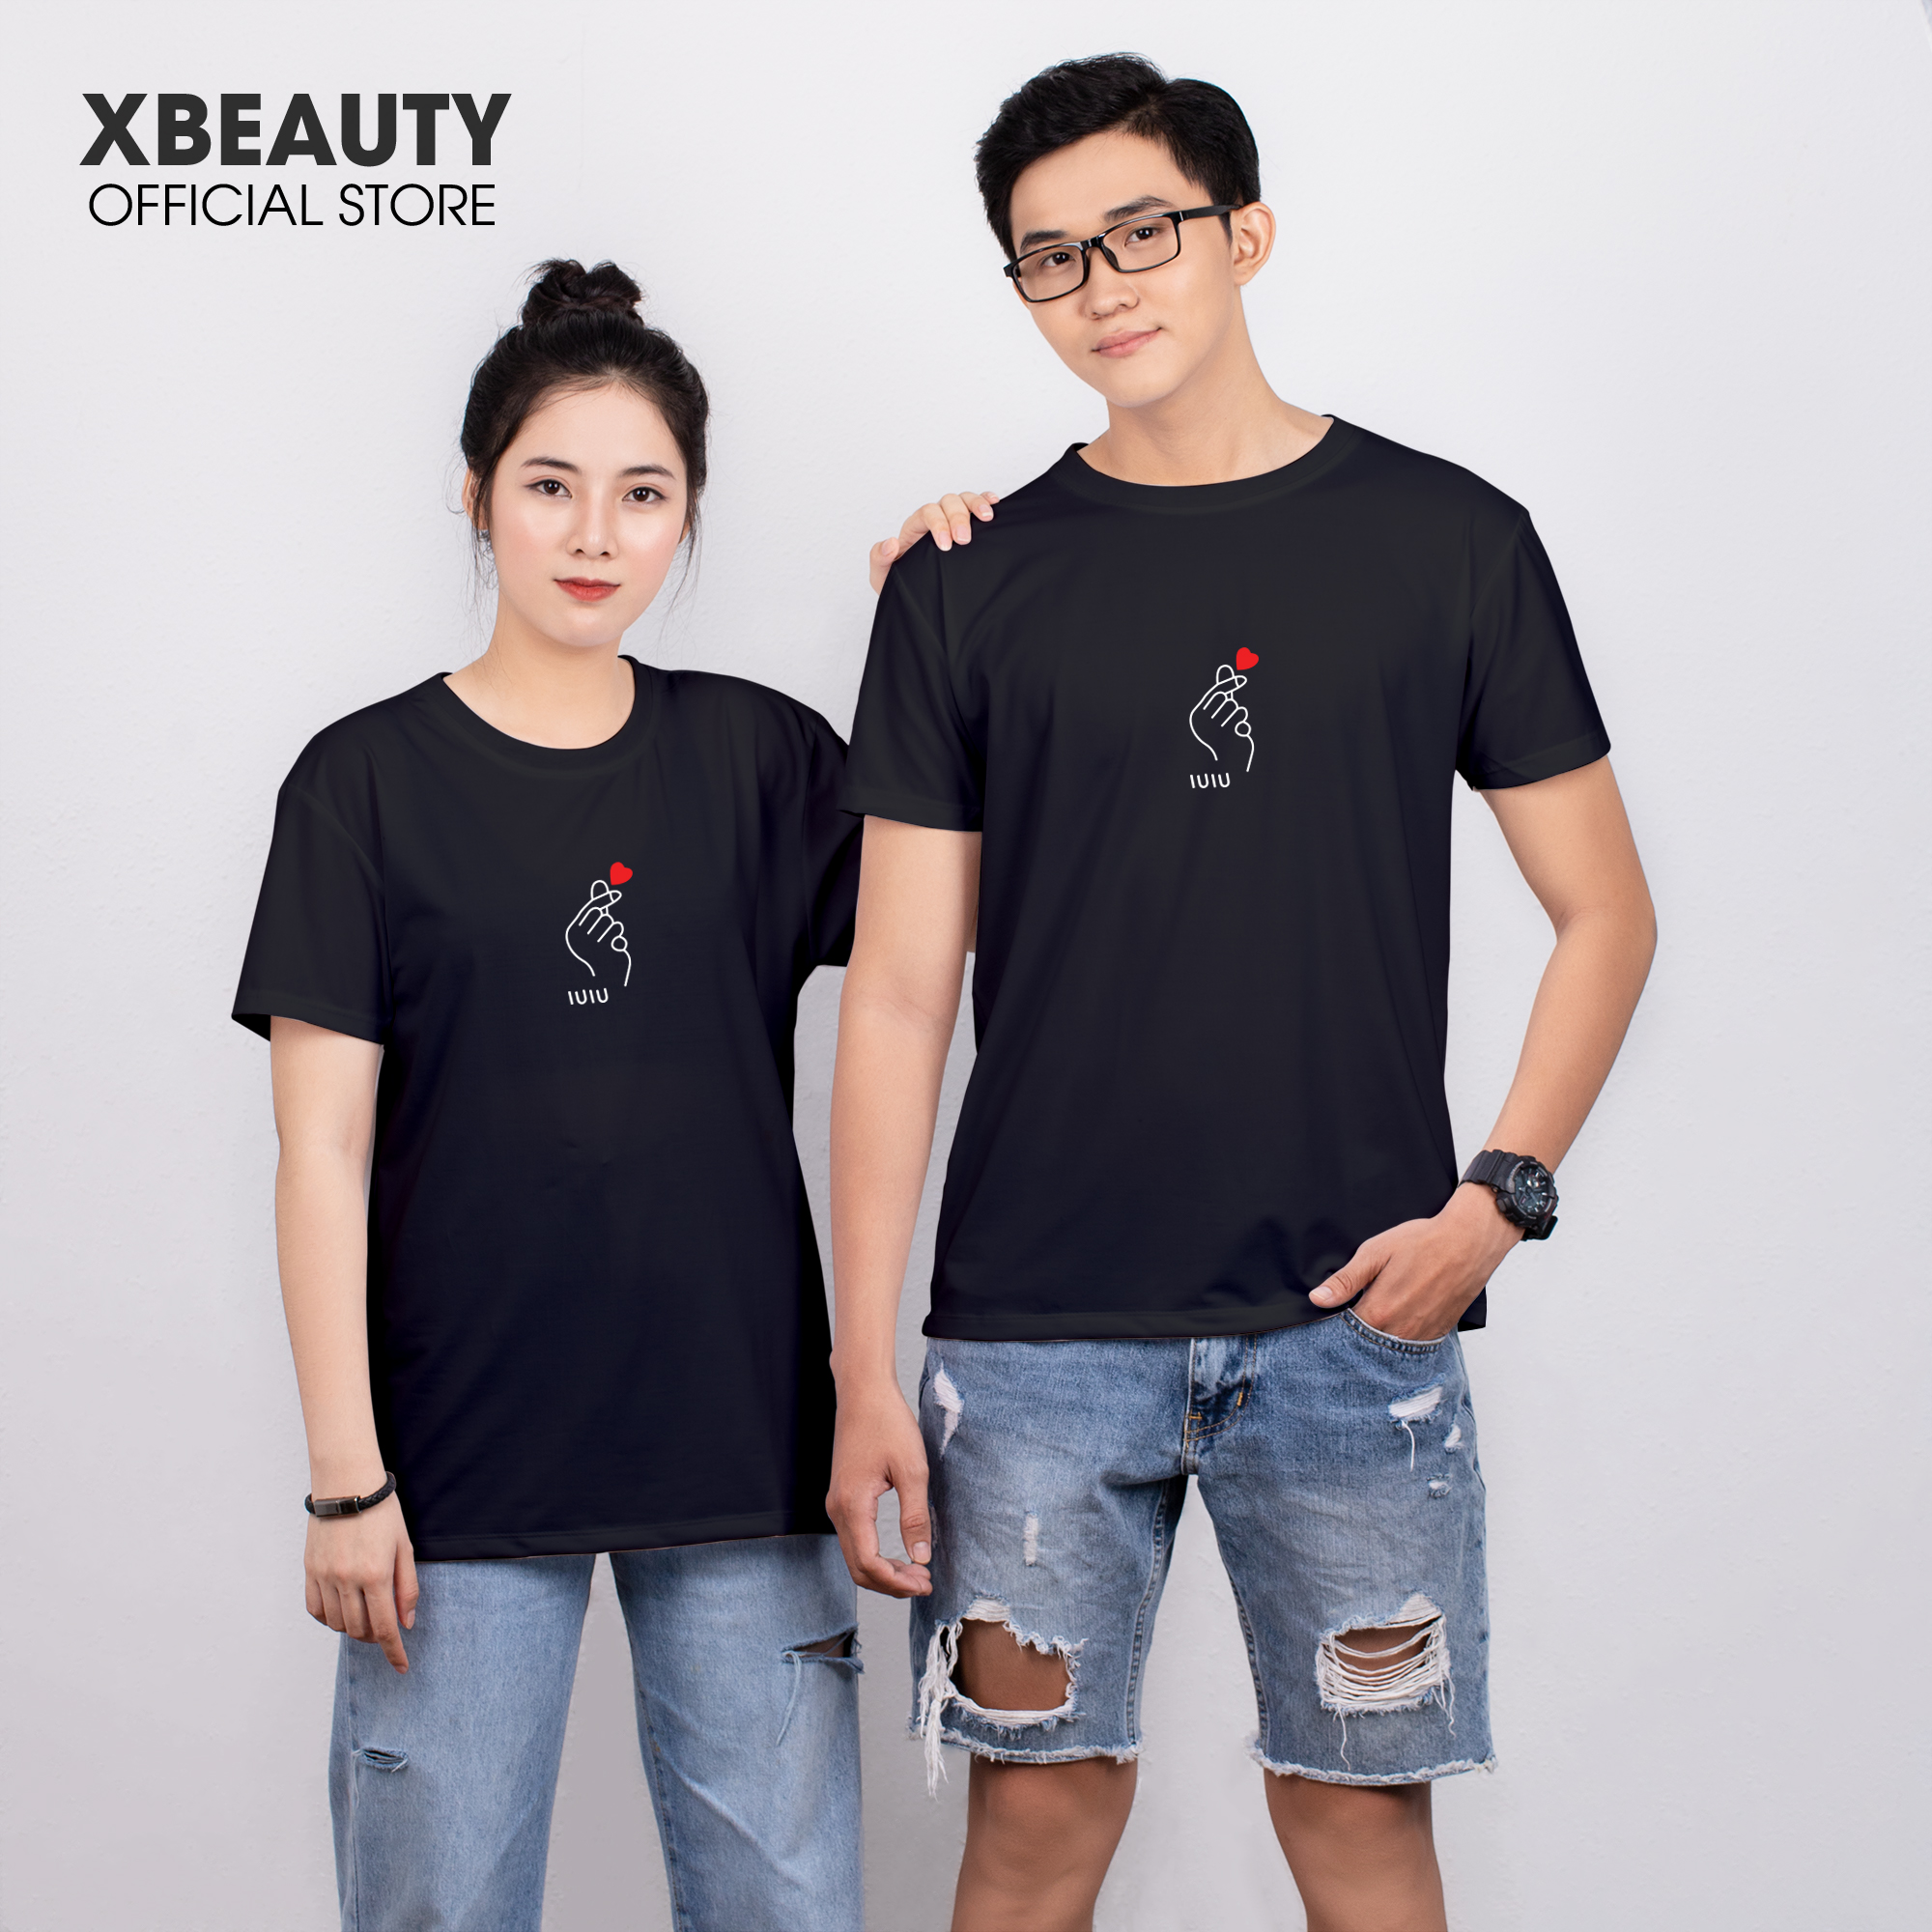 Áo thun nữ đẹp XBeauty J01 áo phông nữ vải Cotton 100% cao cấp. Có 6 màu (Đen/Hồng/Trắng/Vàng/Xám/Xanh Đậm). Áo thun thời trang Nữ cá tính sang trọng